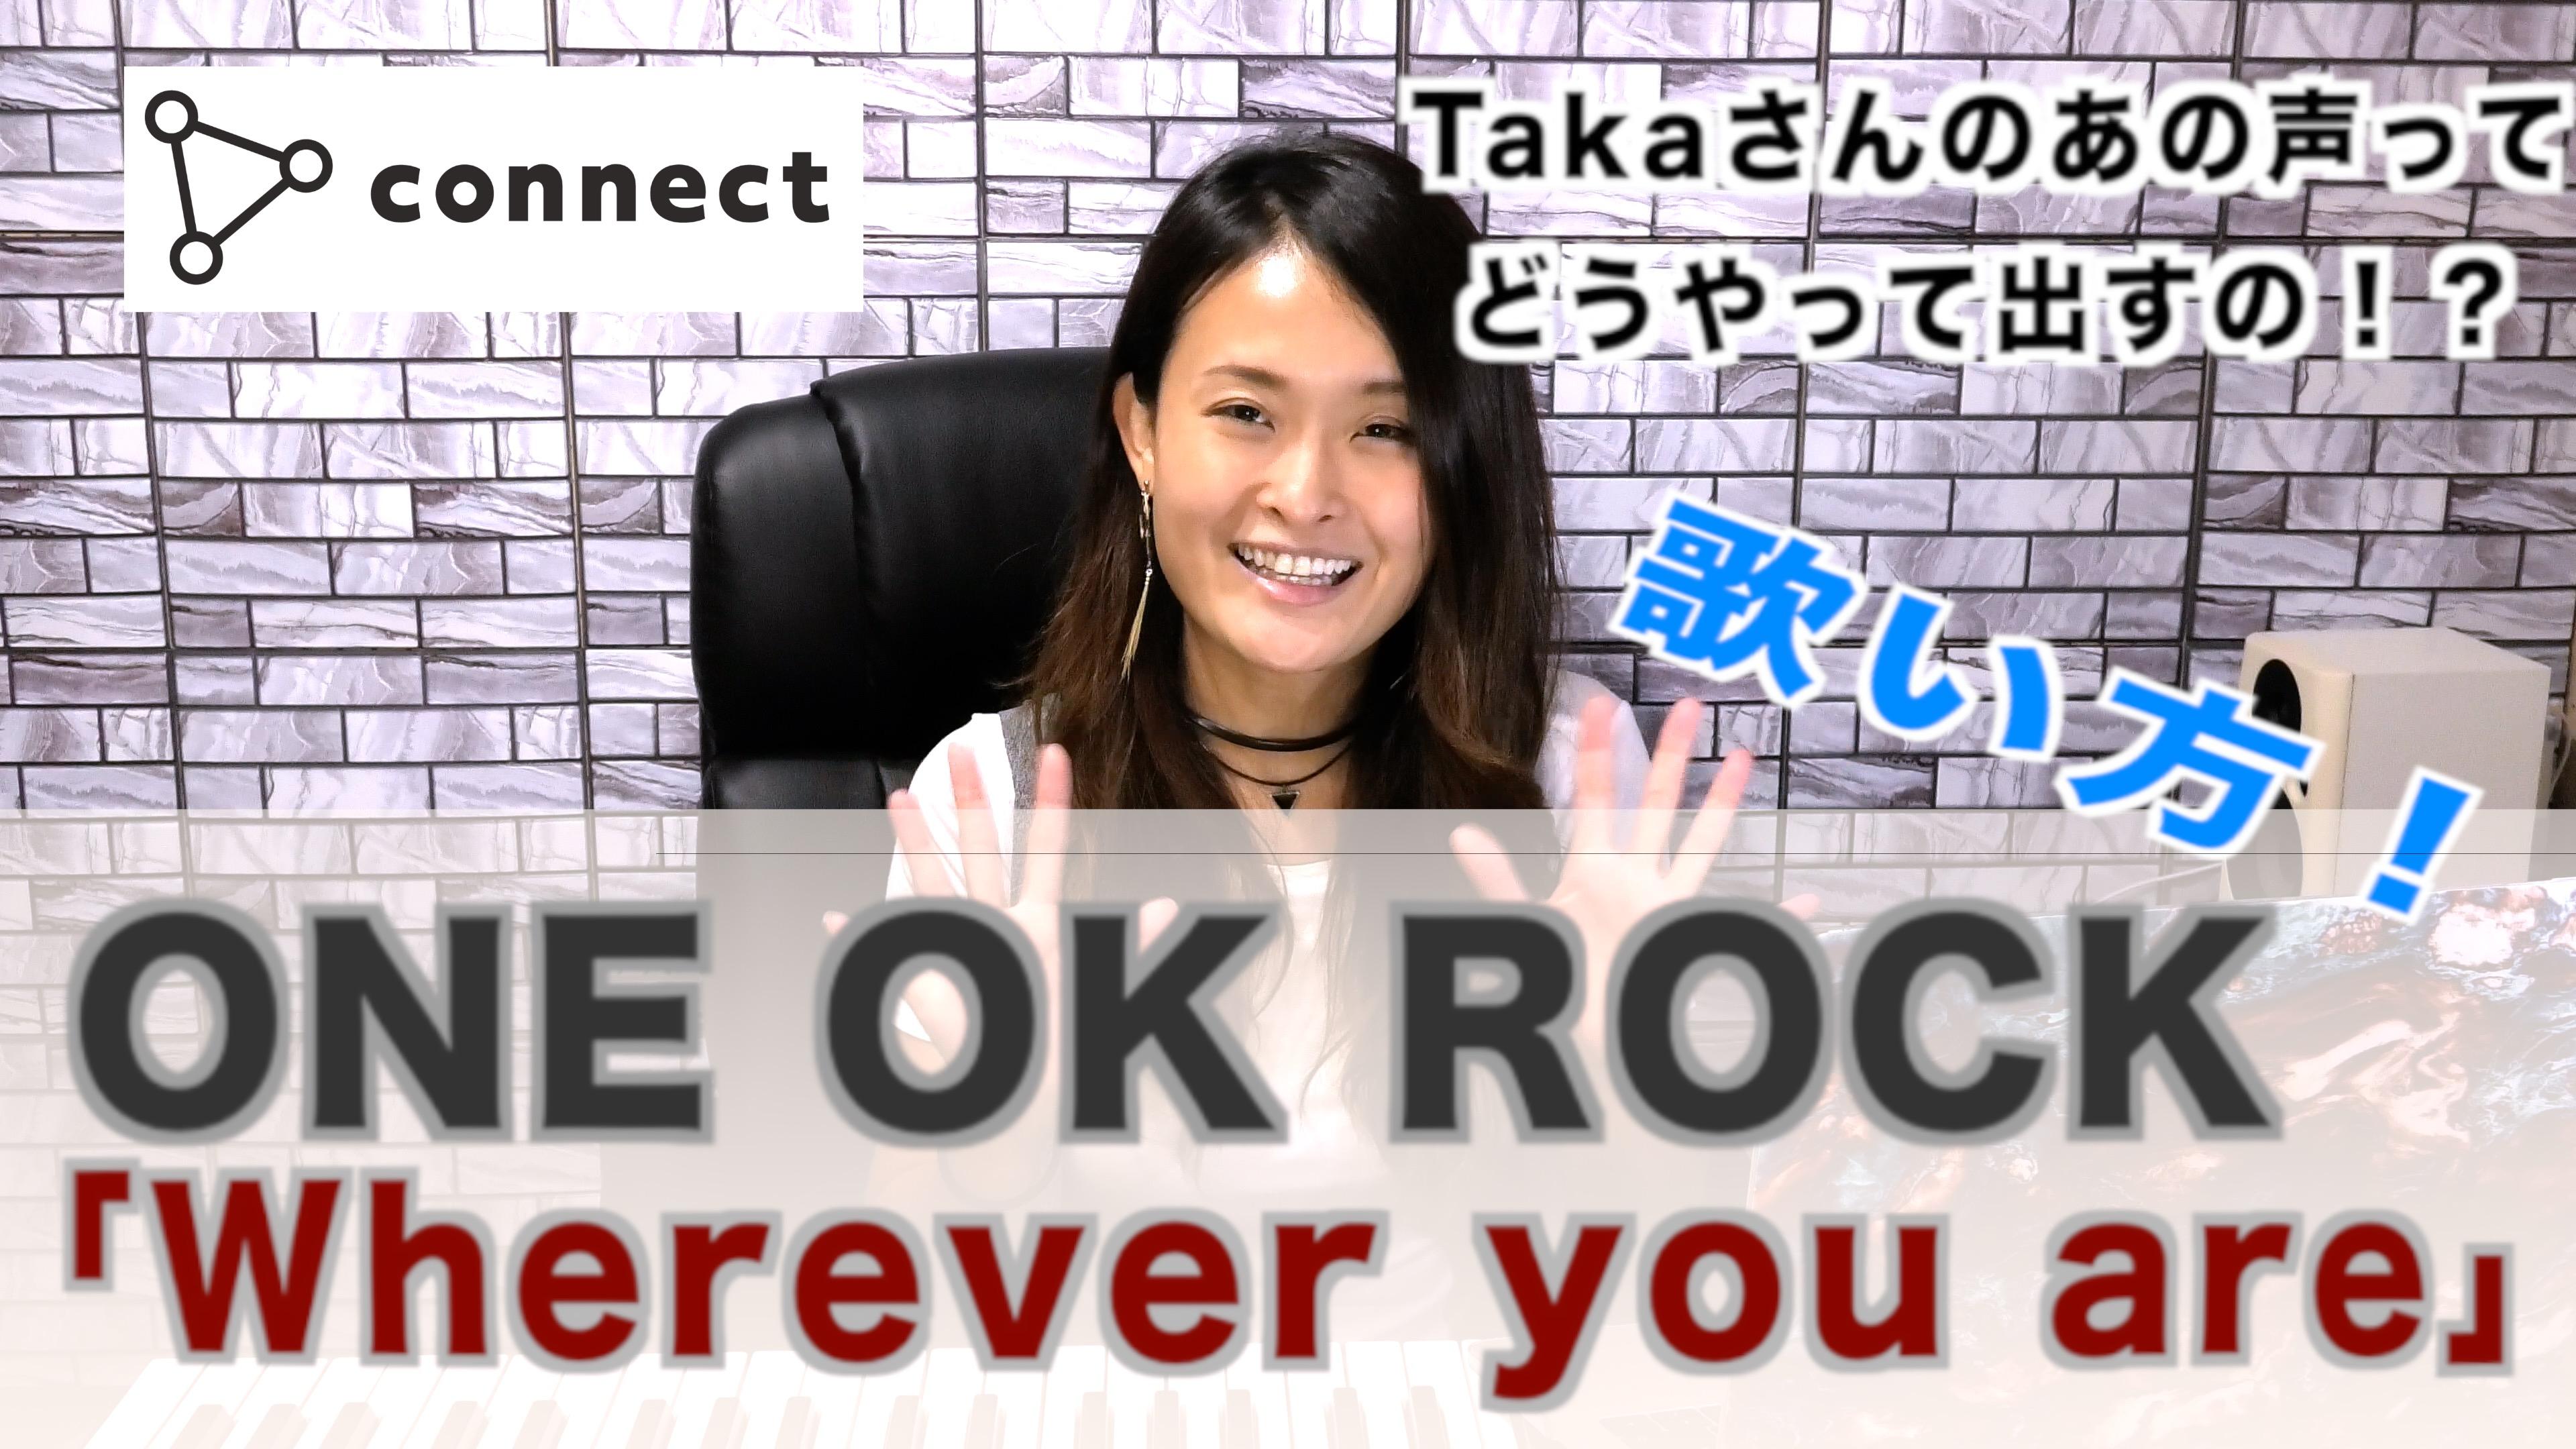 記事 【ボイトレ】Wherever you are / ONE OK ROCK 【Takaの歌声を徹底解説】のアイキャッチ画像